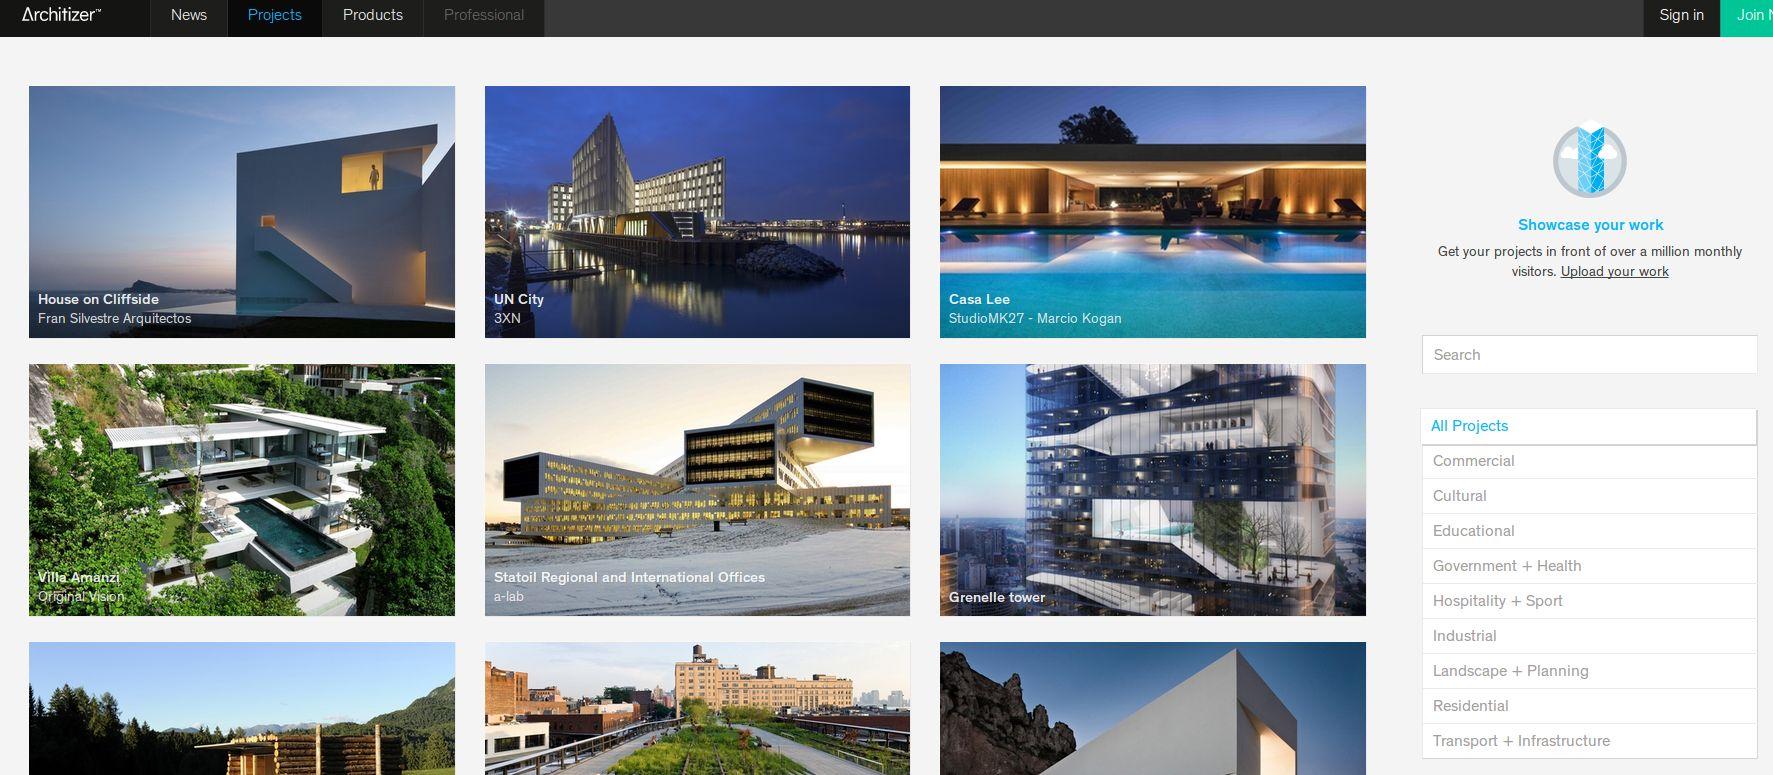 Architizer una red social para arquitectos y dise adores - Disenadores de interiores espanoles ...